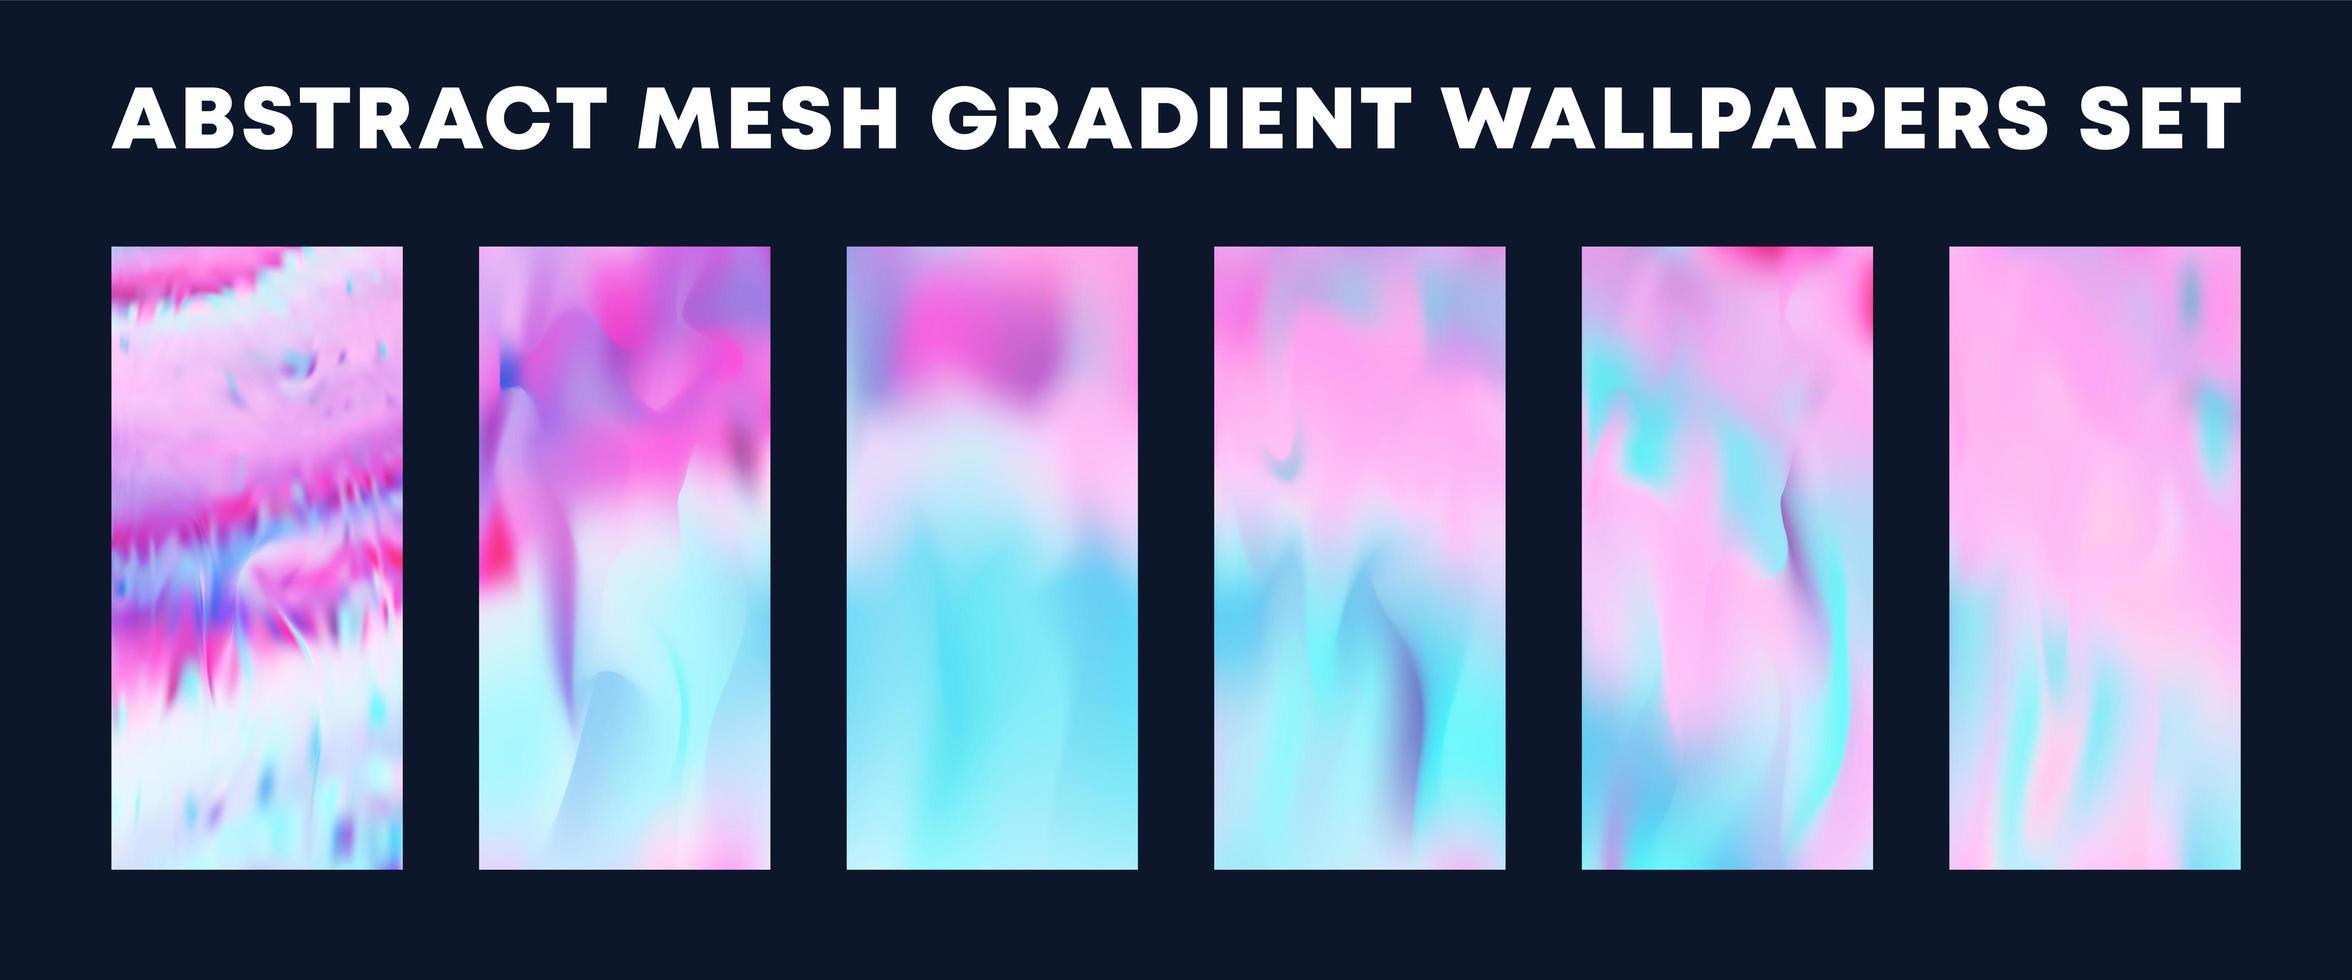 uppsättning av ljusrosa, blå mesh övertonings tapeter vektor